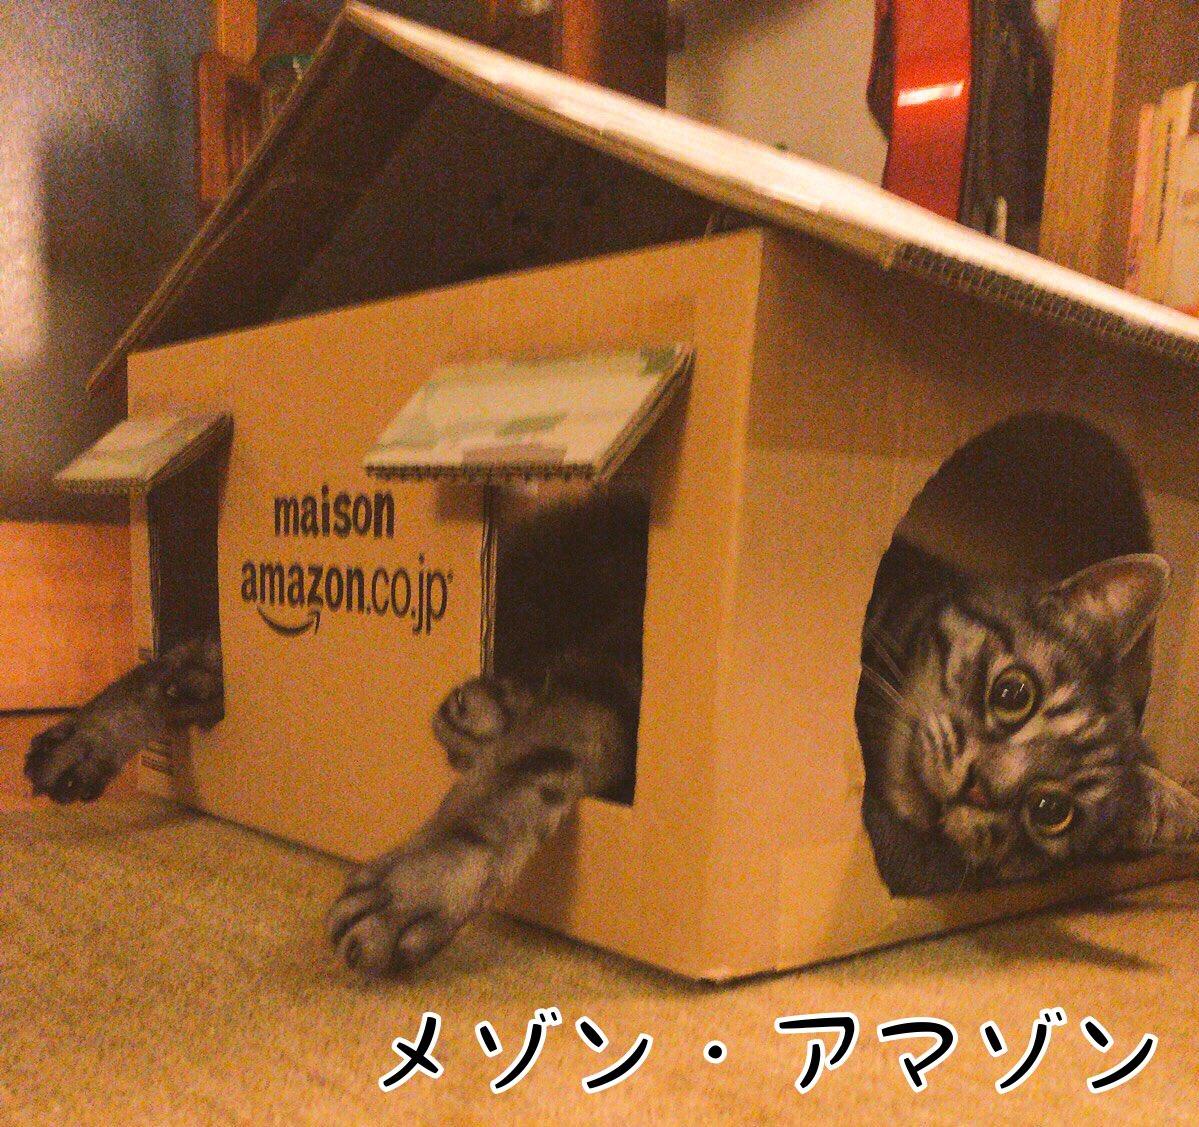 猫ハウス作家として建てた家の数々 https://t.co/Uh8GSQV5L5